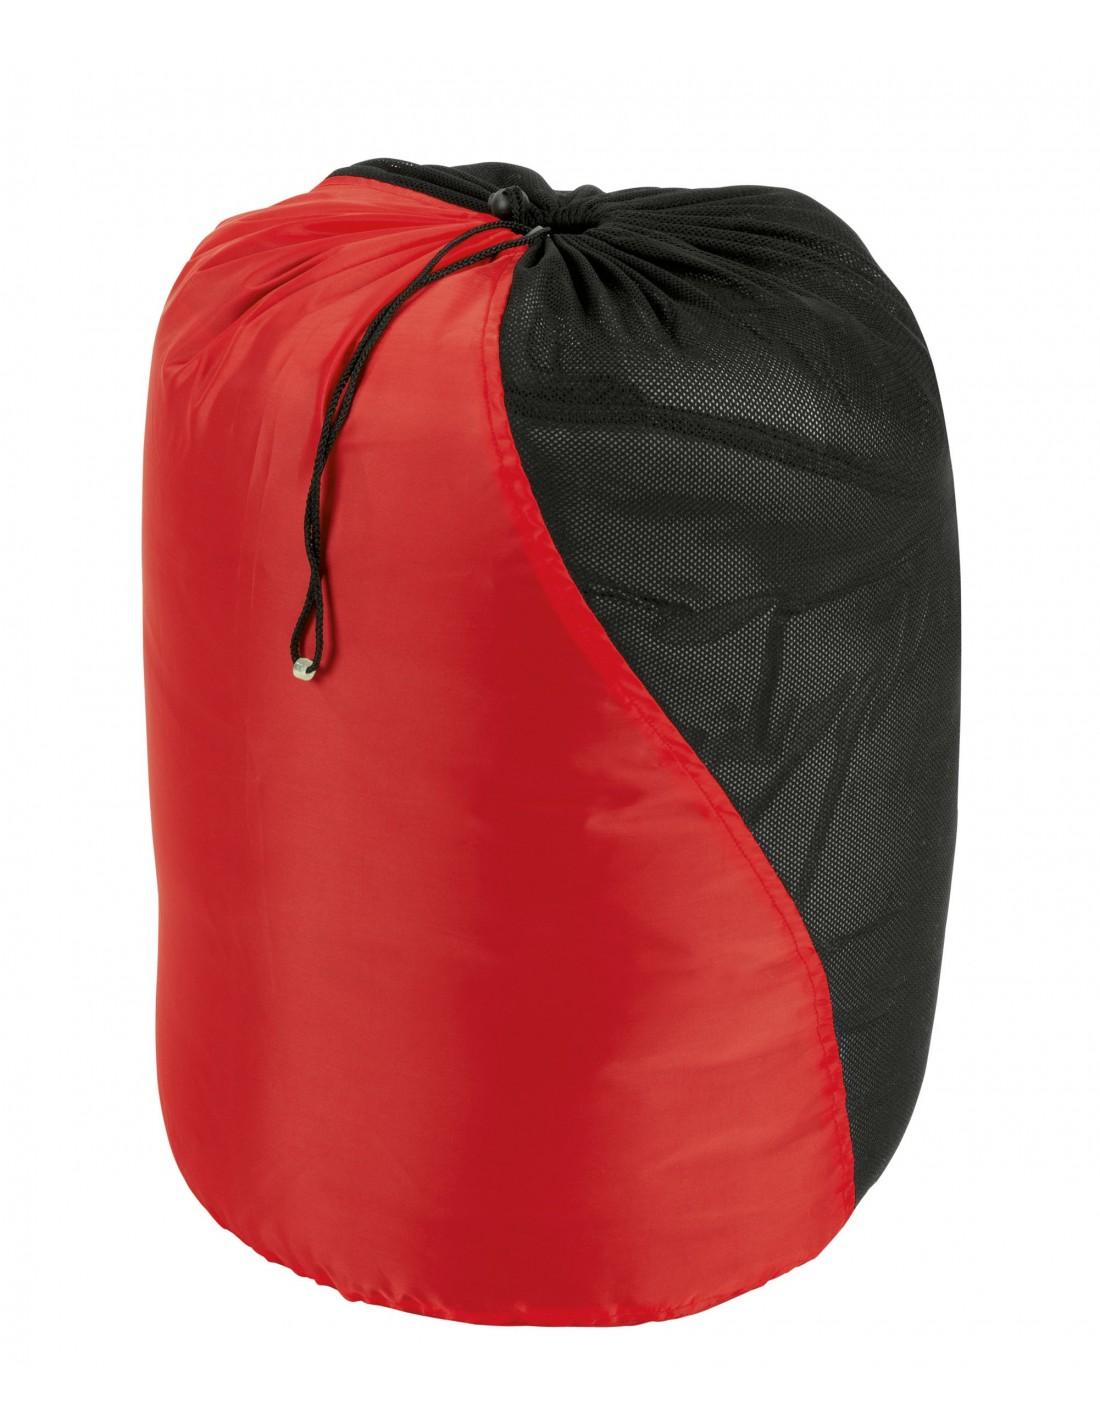 Mammut Packsack Storage Sack  Zubehör Schlafsäcke - Packsack,